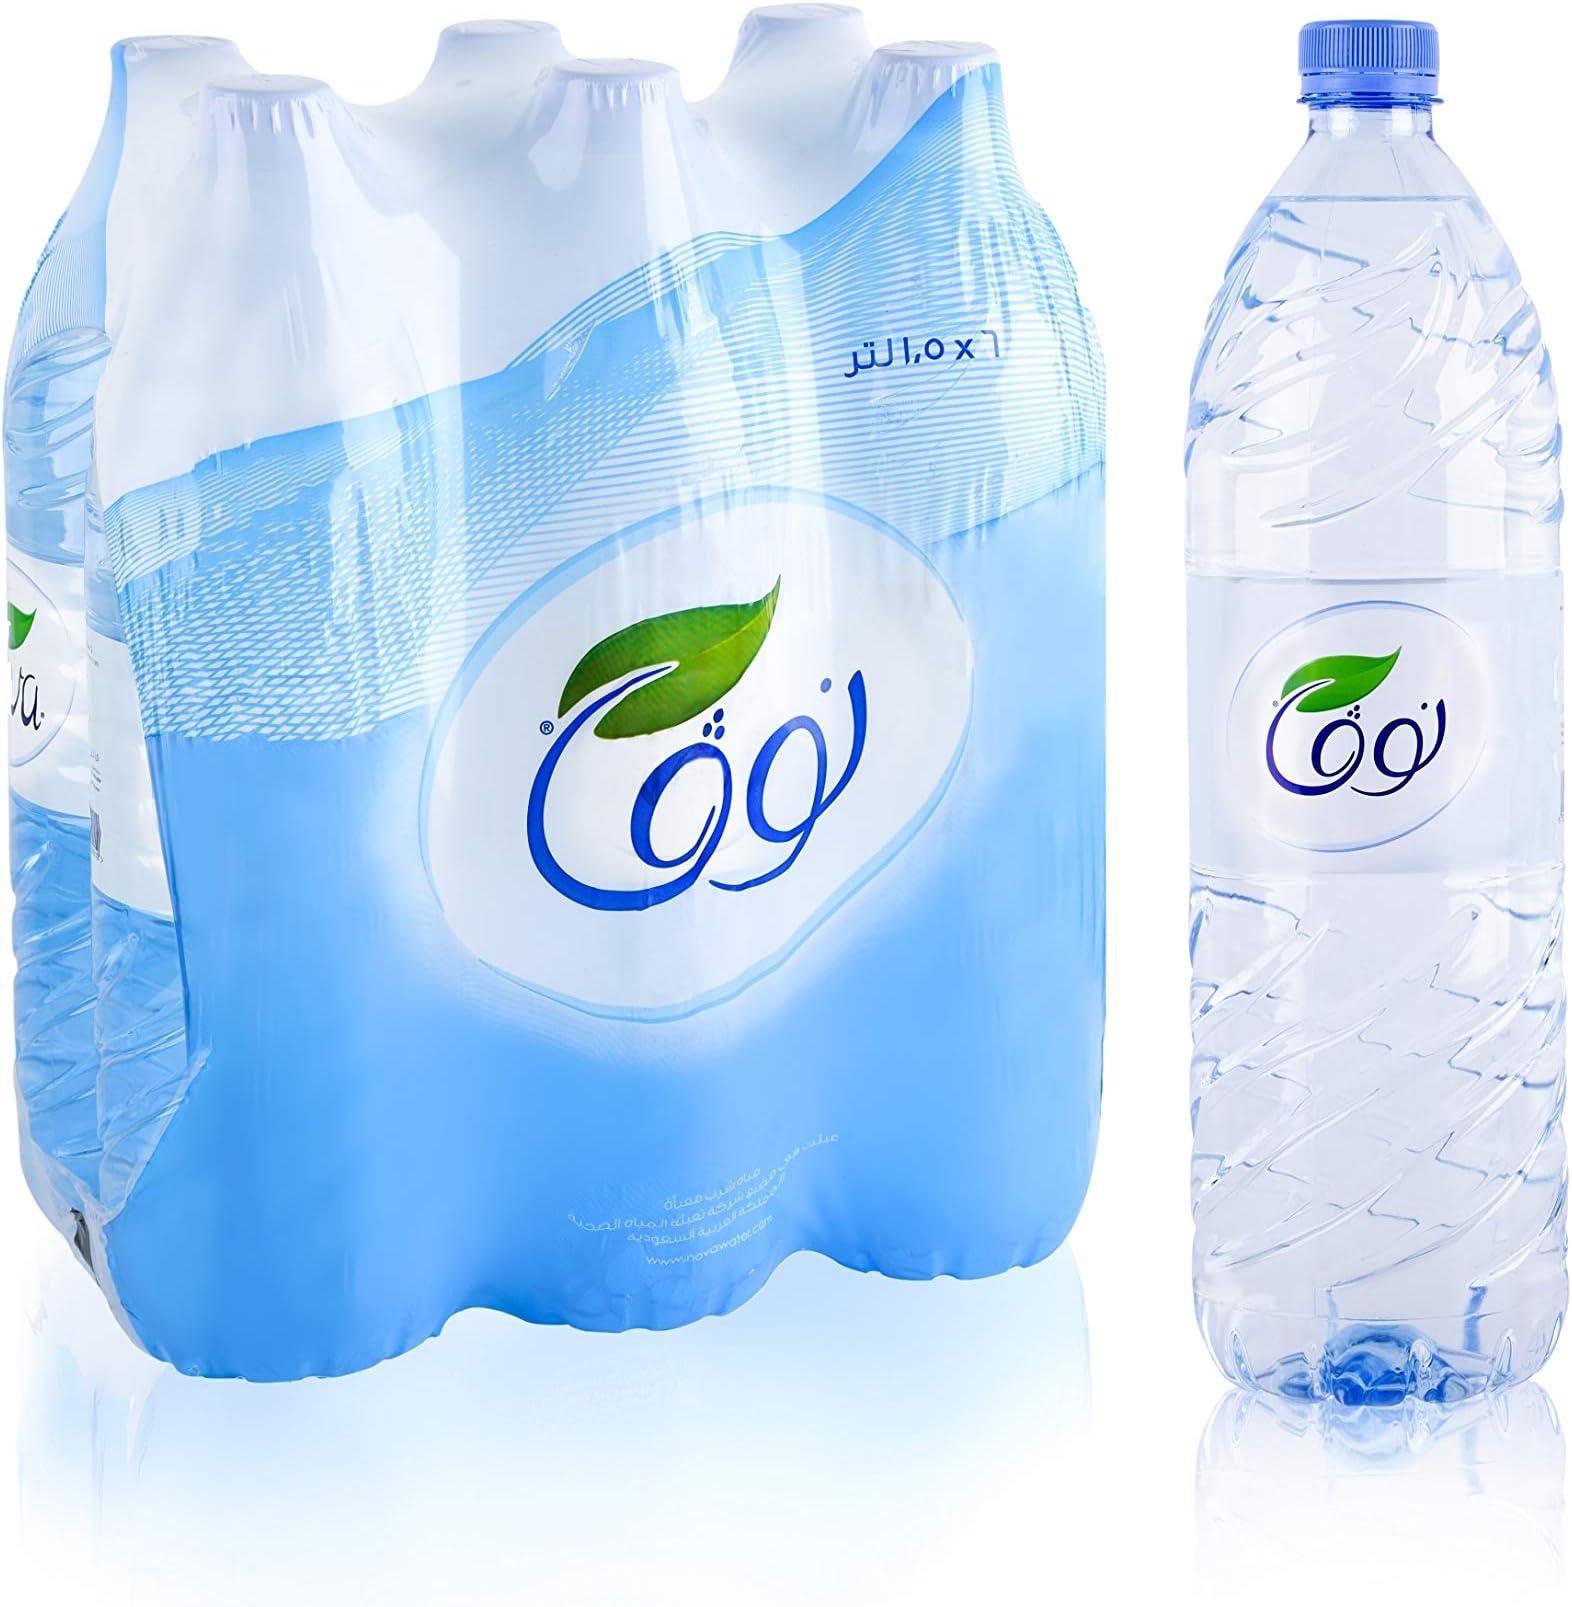 سعر نوفا مياه معدنية معبأة شرينك 6 1 5 لتر فى السعودية بواسطة امازون السعودية كان بكام